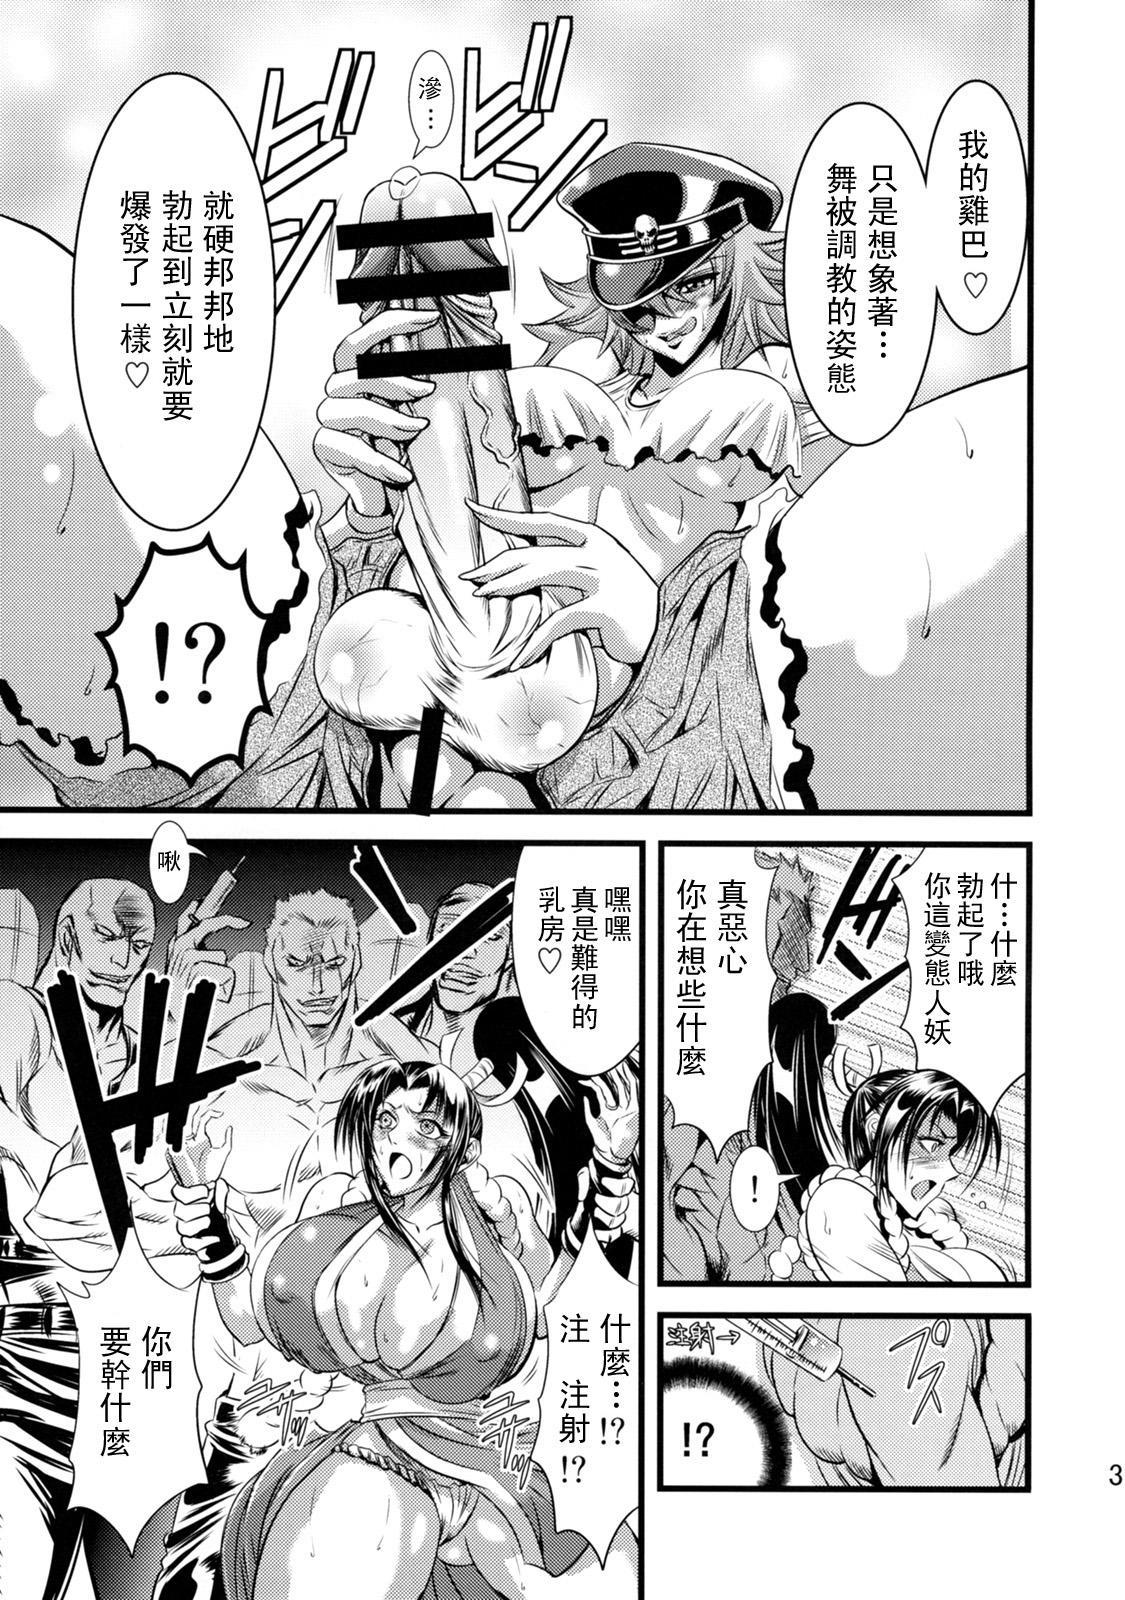 Futa-Mai Seisakujou 3